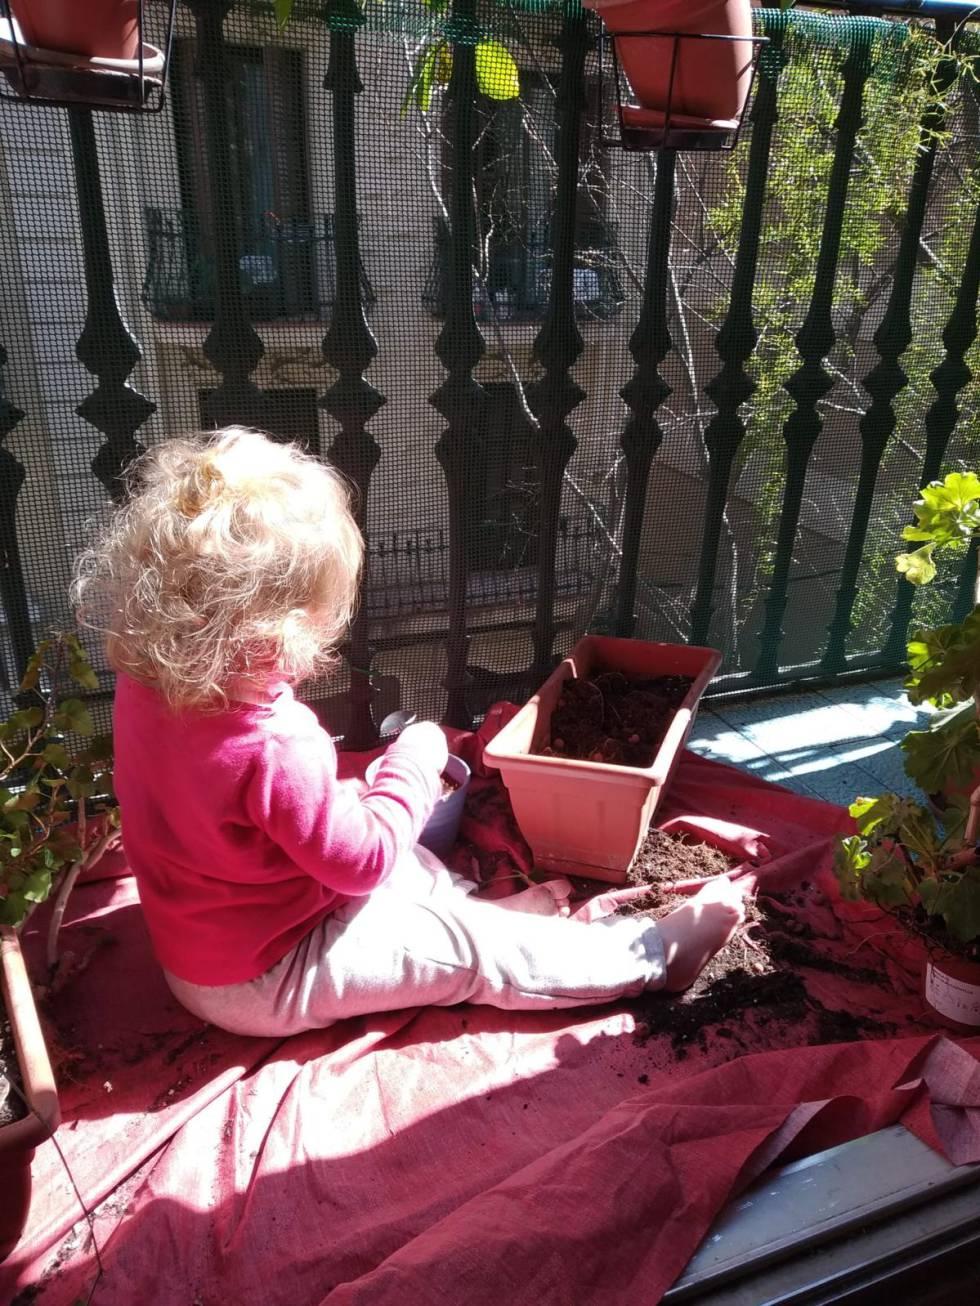 Proponemos comenzar con los peques a germinar semillas y verlas crecer hasta que se conviertan en plantitas